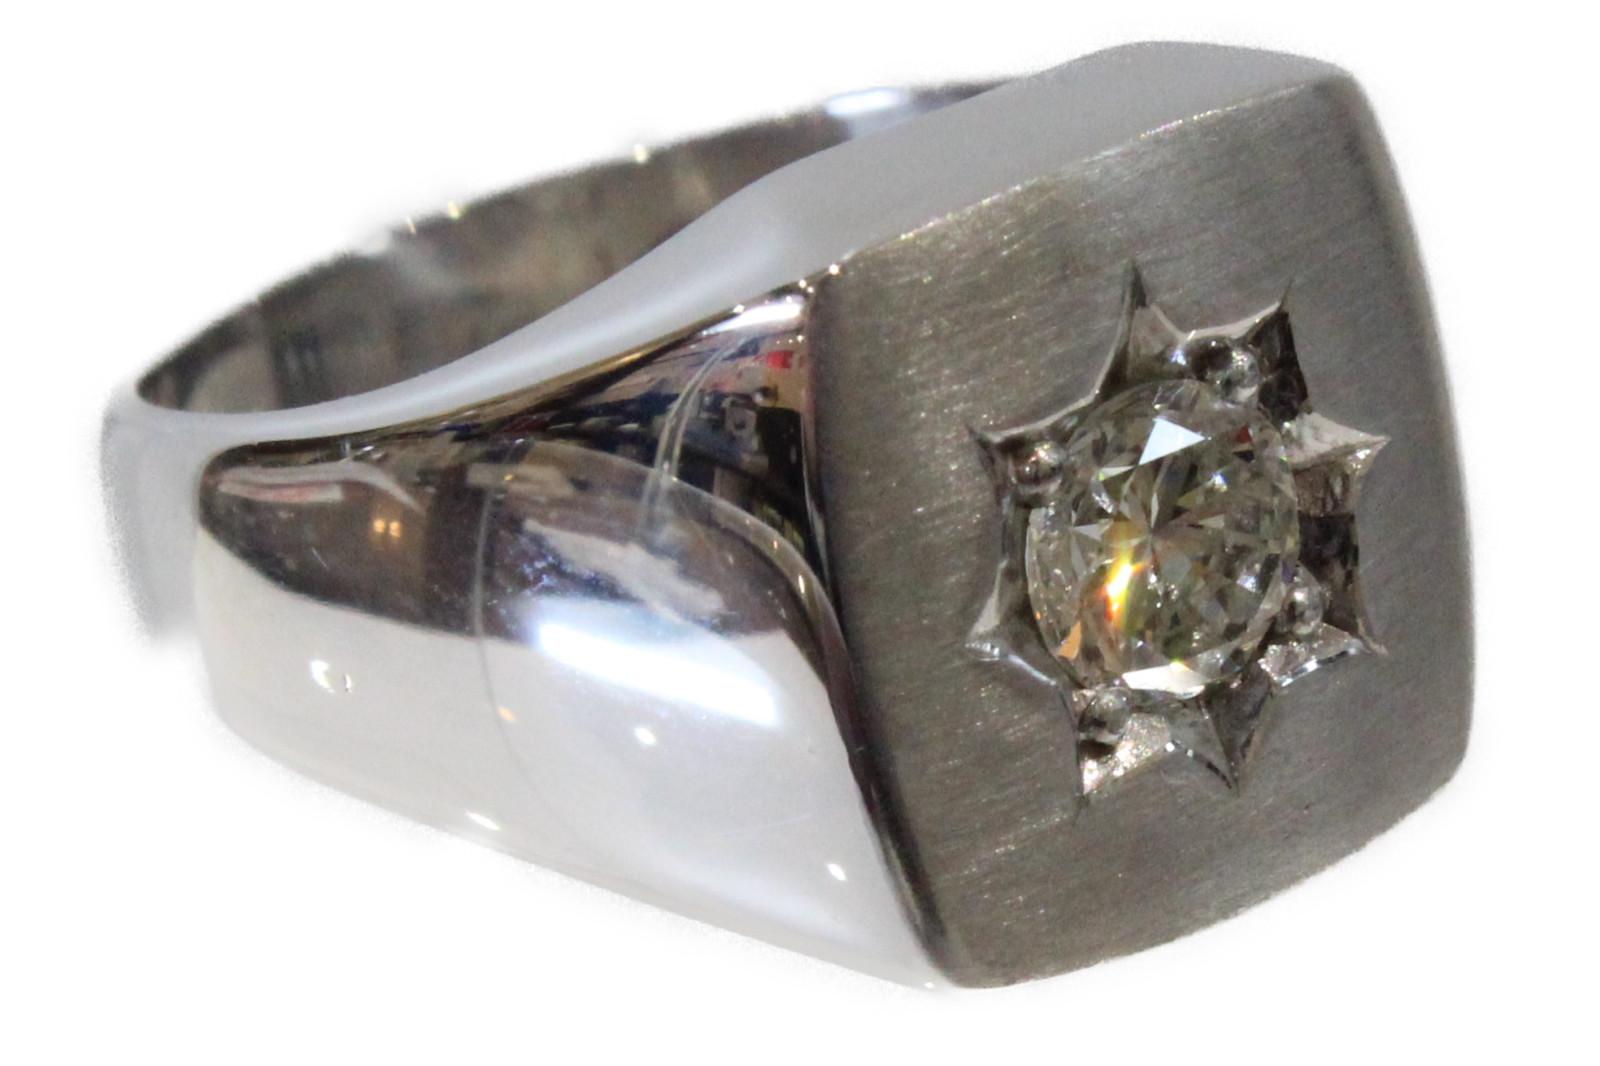 【☆新品仕上げ済☆】印台リングPt850 ダイヤモンド0.9ct21.3g 18号 大きめ高級 ギフト包装可【中古】